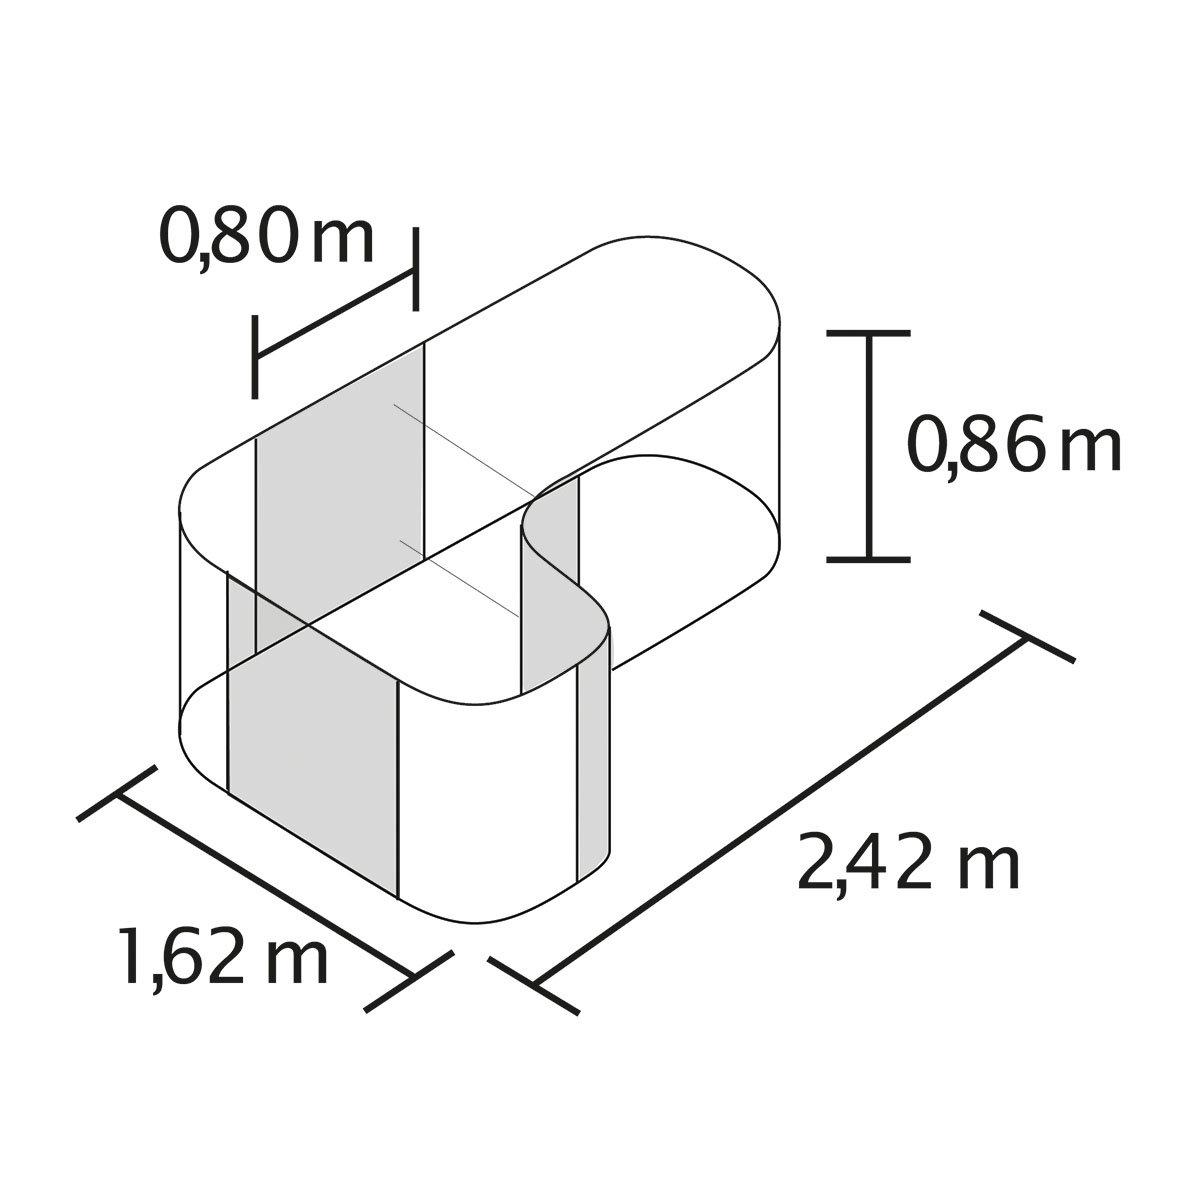 Vitavia Hochbeet Erweiterung Curve Aluminium Grau 80x80x86 Cm